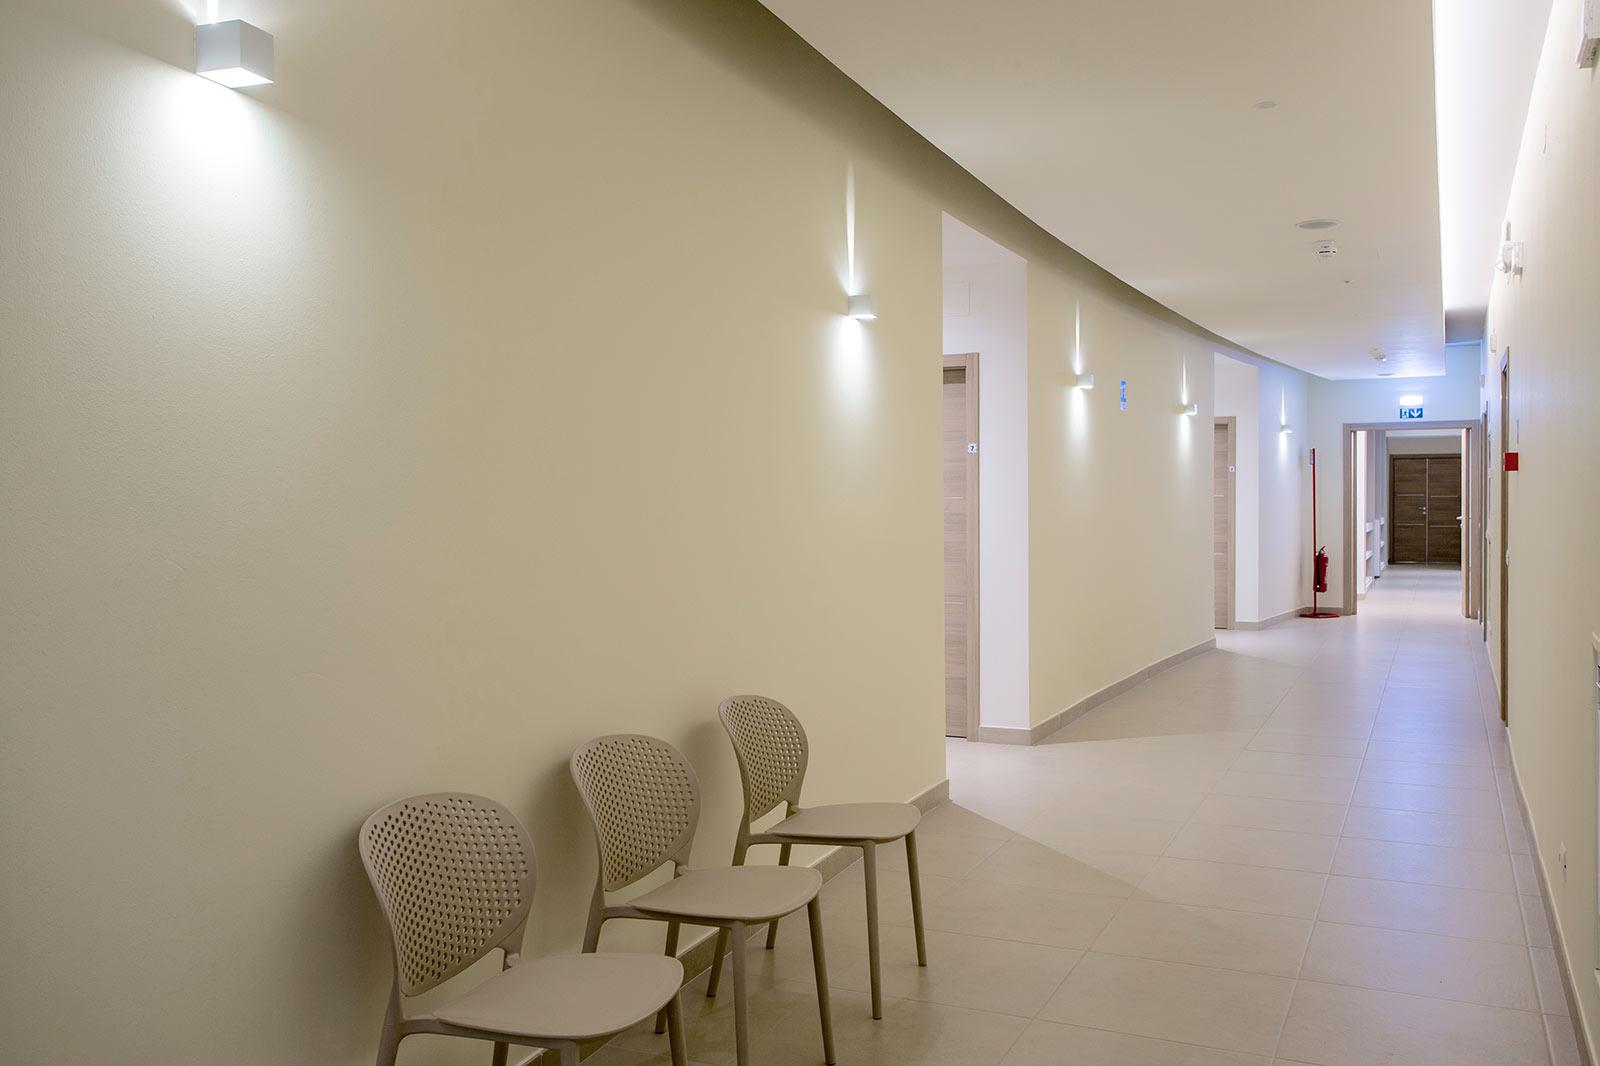 Corridoio interno Casa San Giuseppe